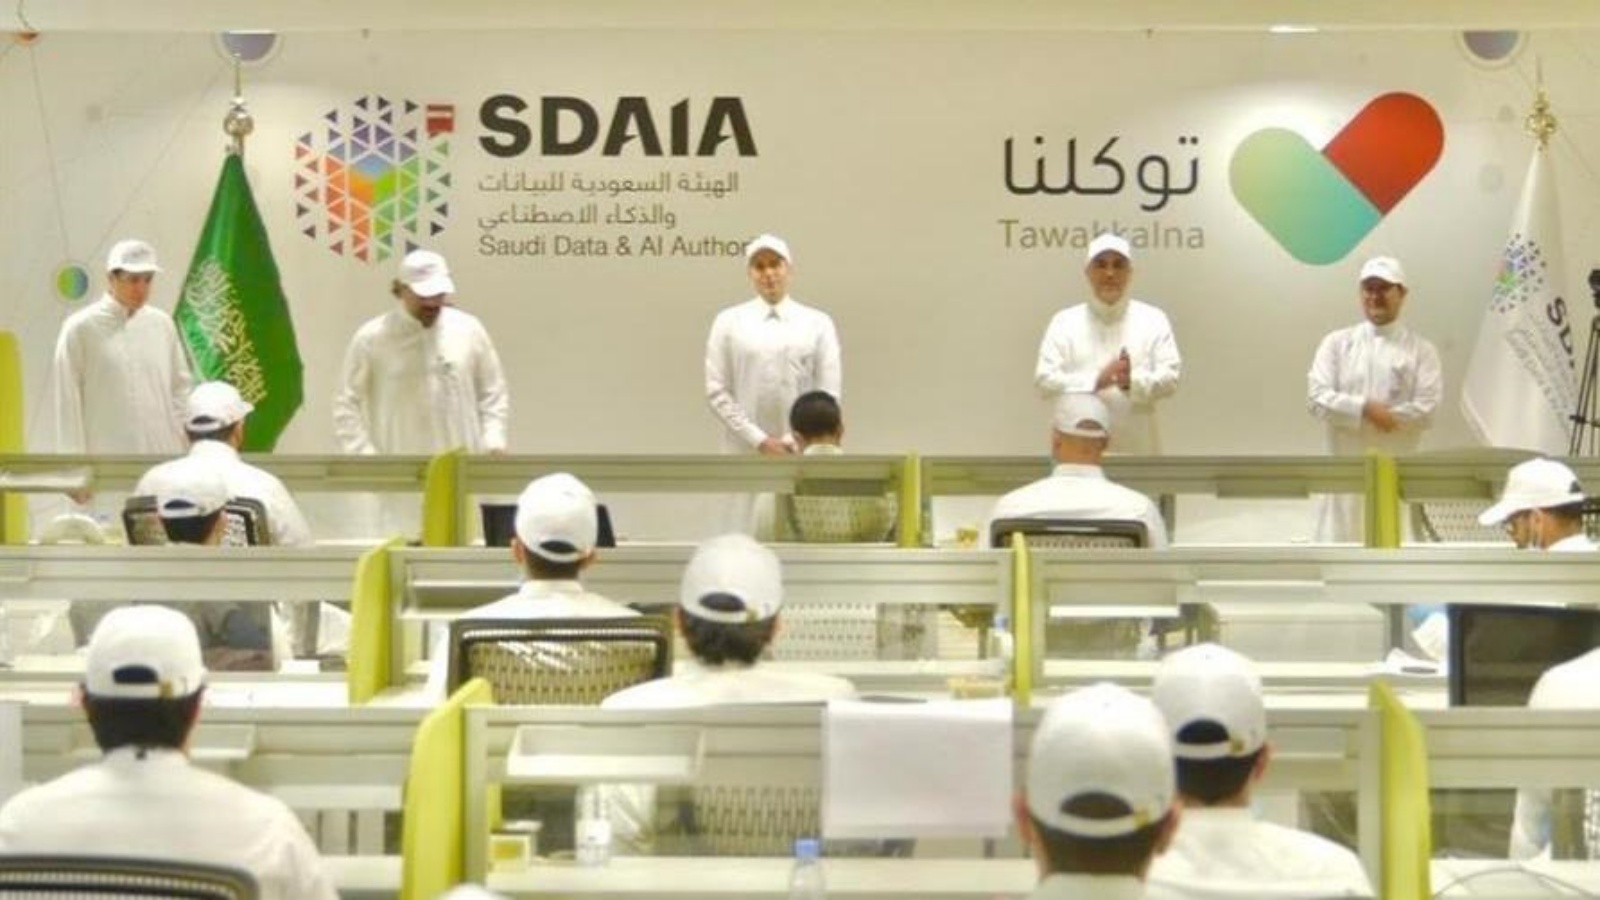 السعودية نيوز |  الهيئة السعودية للبيانات والذكاء الإصطناعي تواكب جائحة كورونا